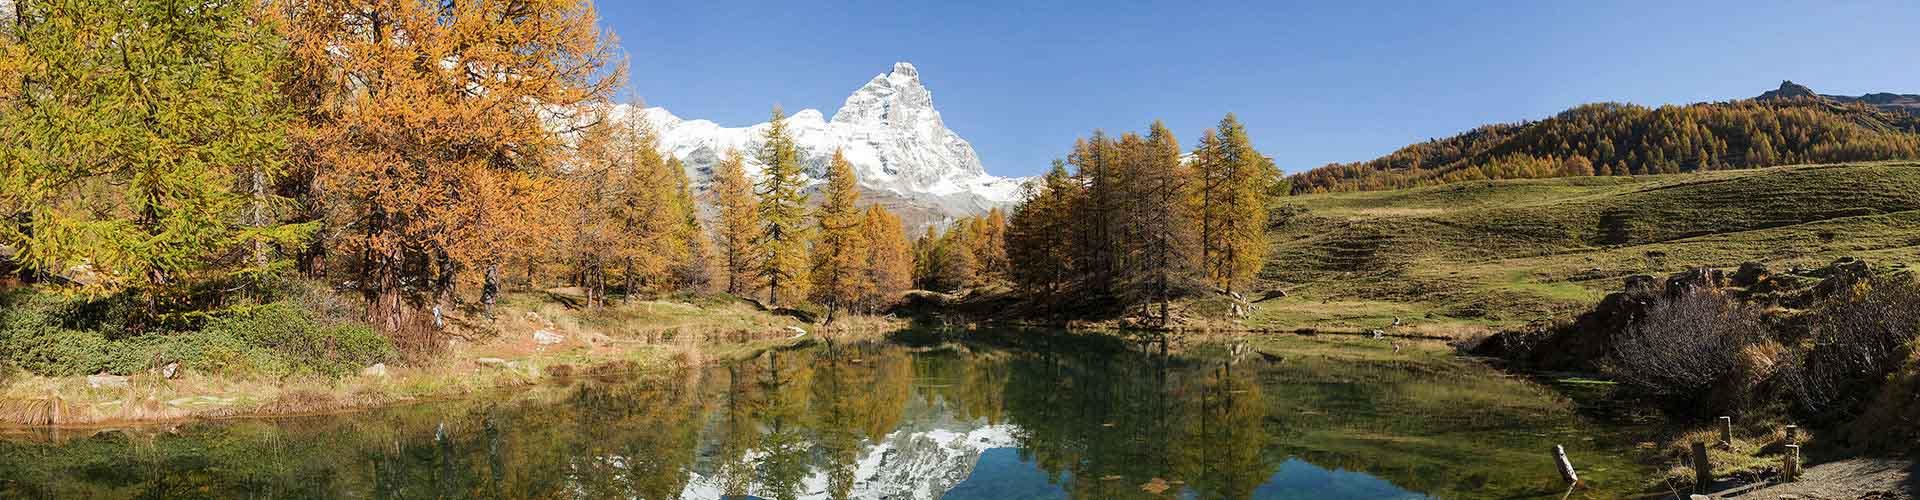 Aosta - Hostales en Aosta. Mapas de Aosta, Fotos y comentarios de cada Hostal en Aosta.